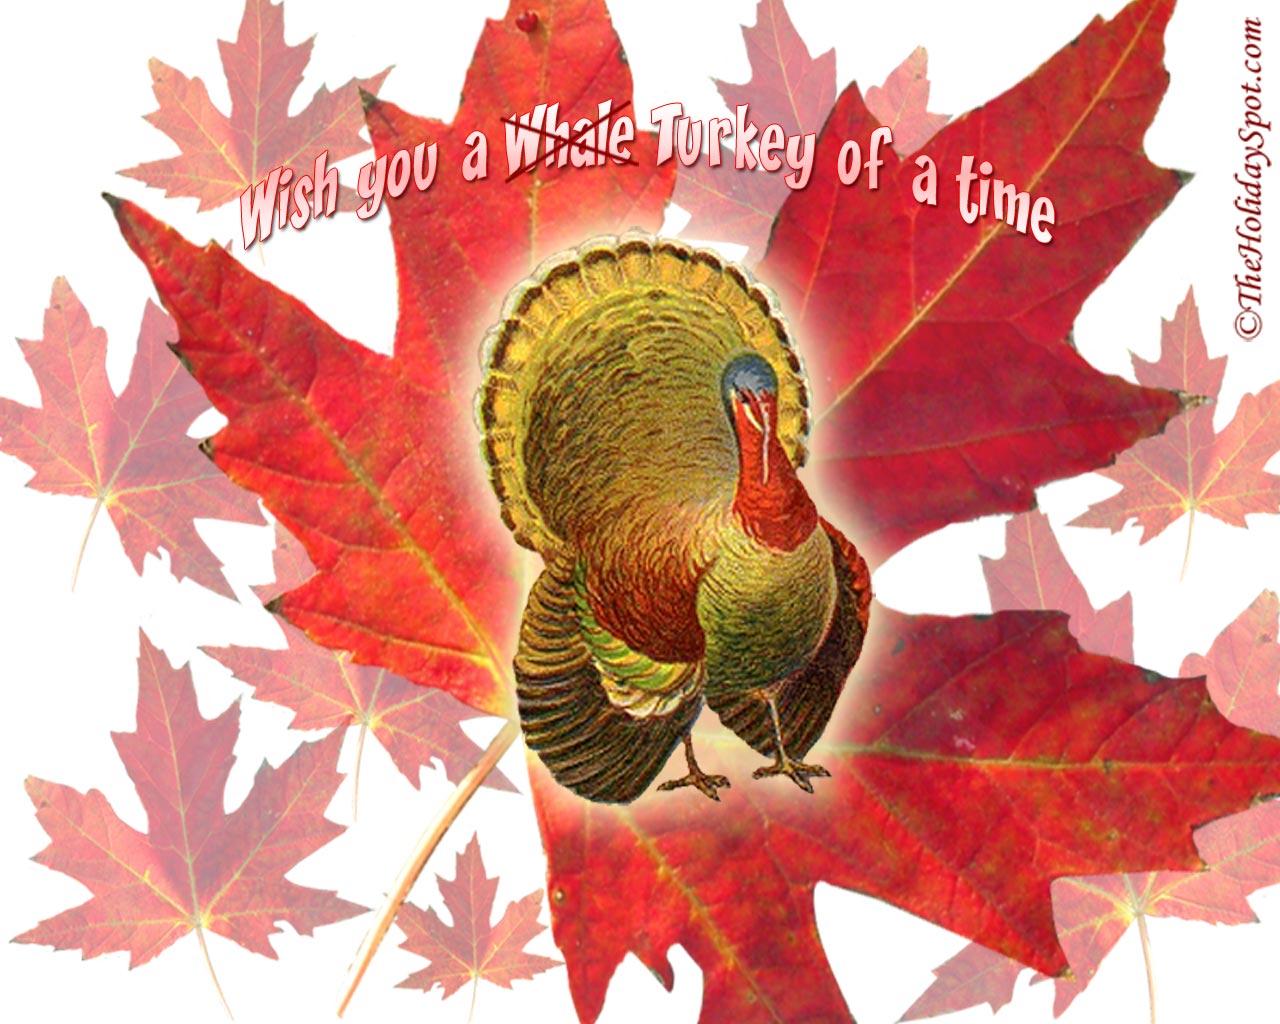 desktop wallpaper of thanksgiving turkeys